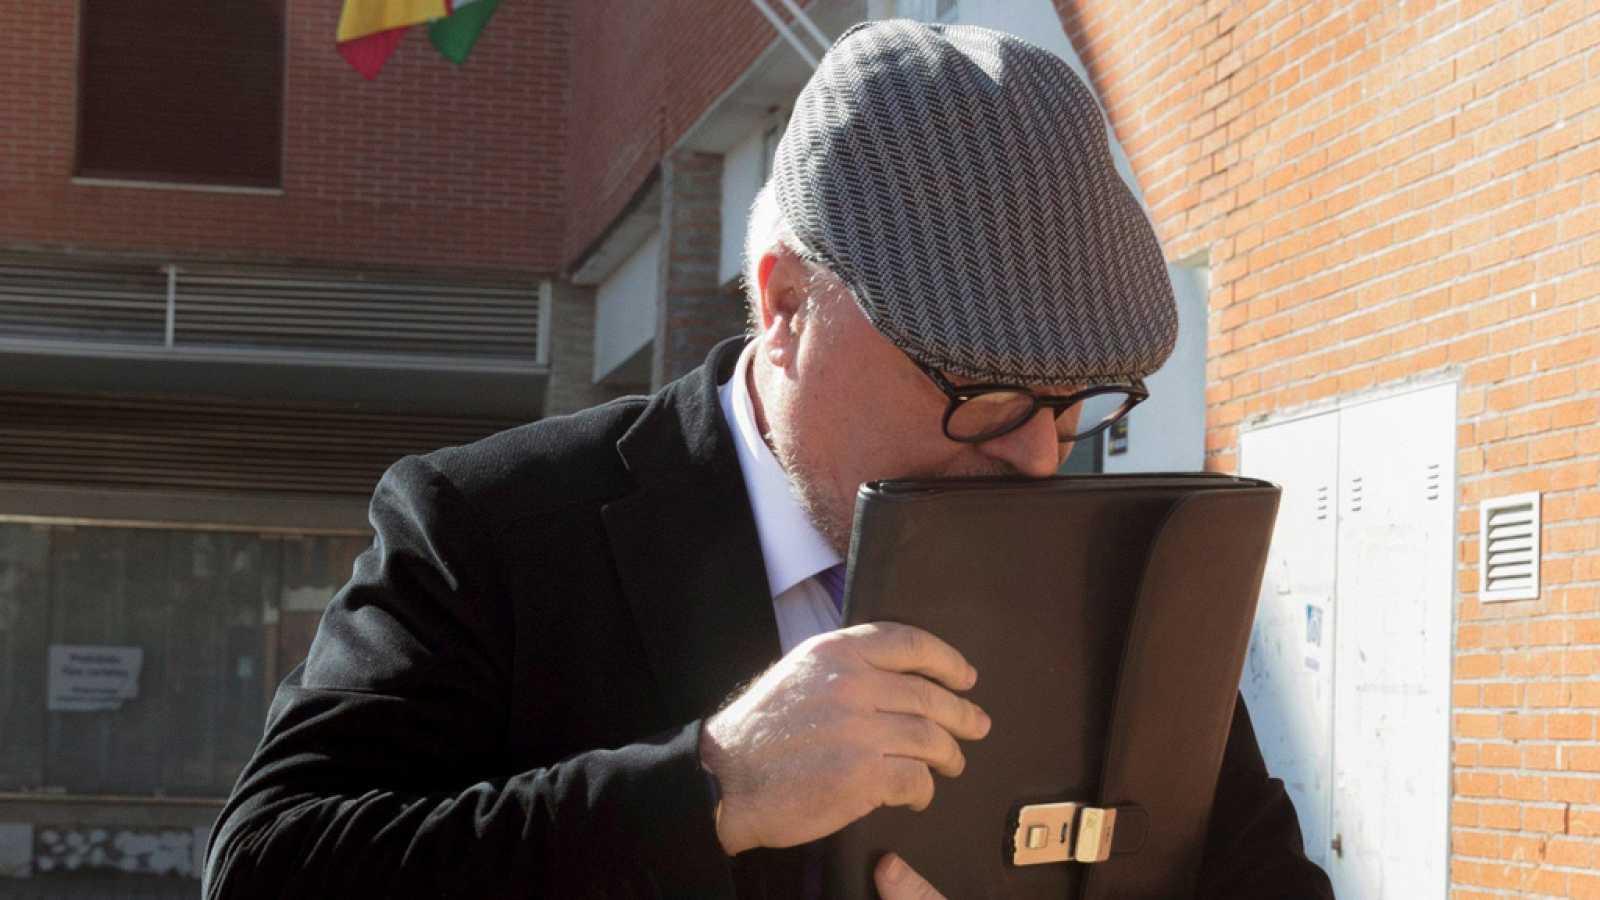 El excomisario José Manuel Villarejo detenido por blanqueo de capitales e inmigración ilegal